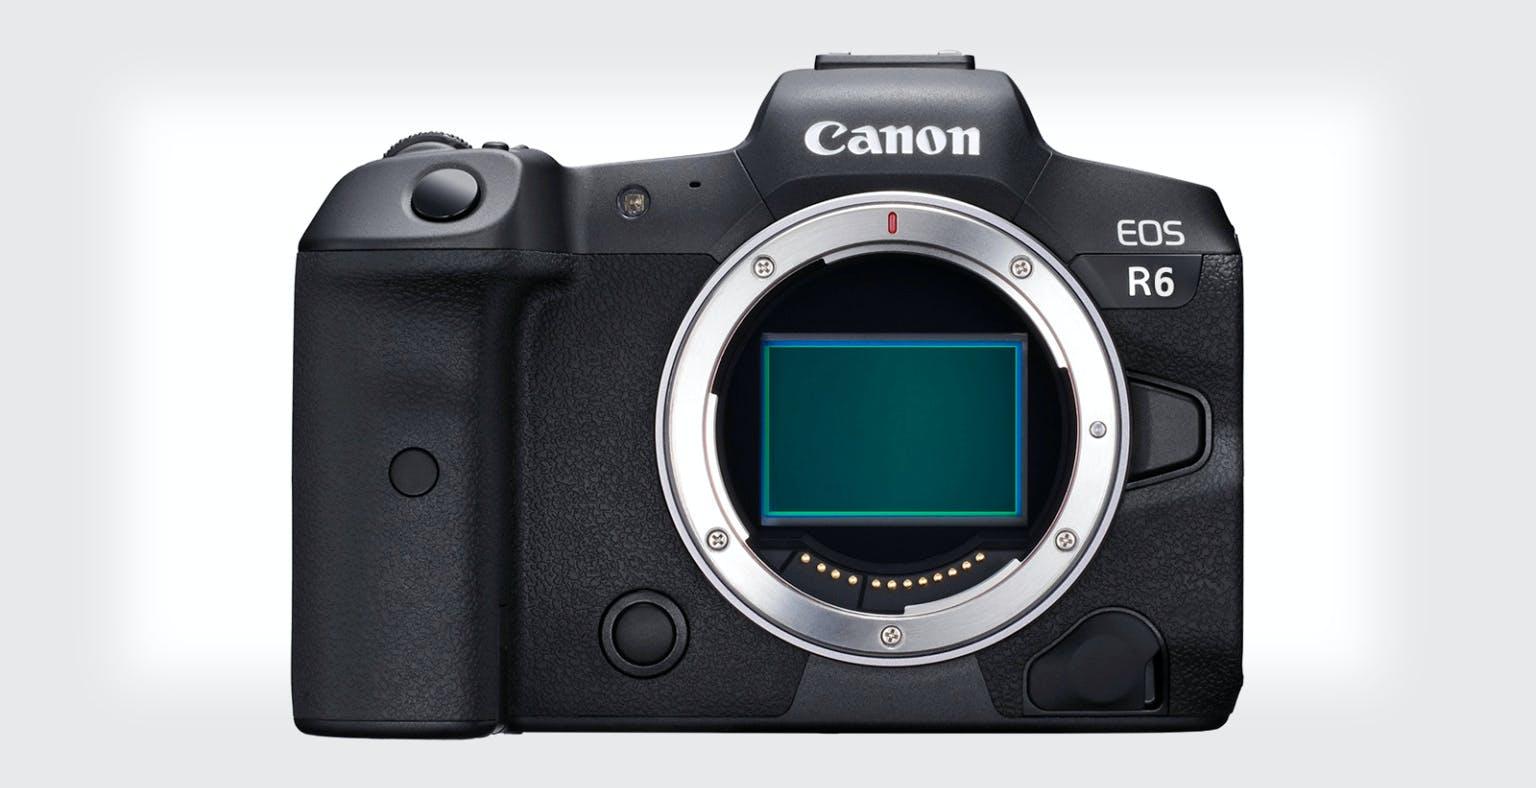 Canon EOS R6 imminente. Nuove indiscrezioni sull'autofocus e sulla registrazione video 5K